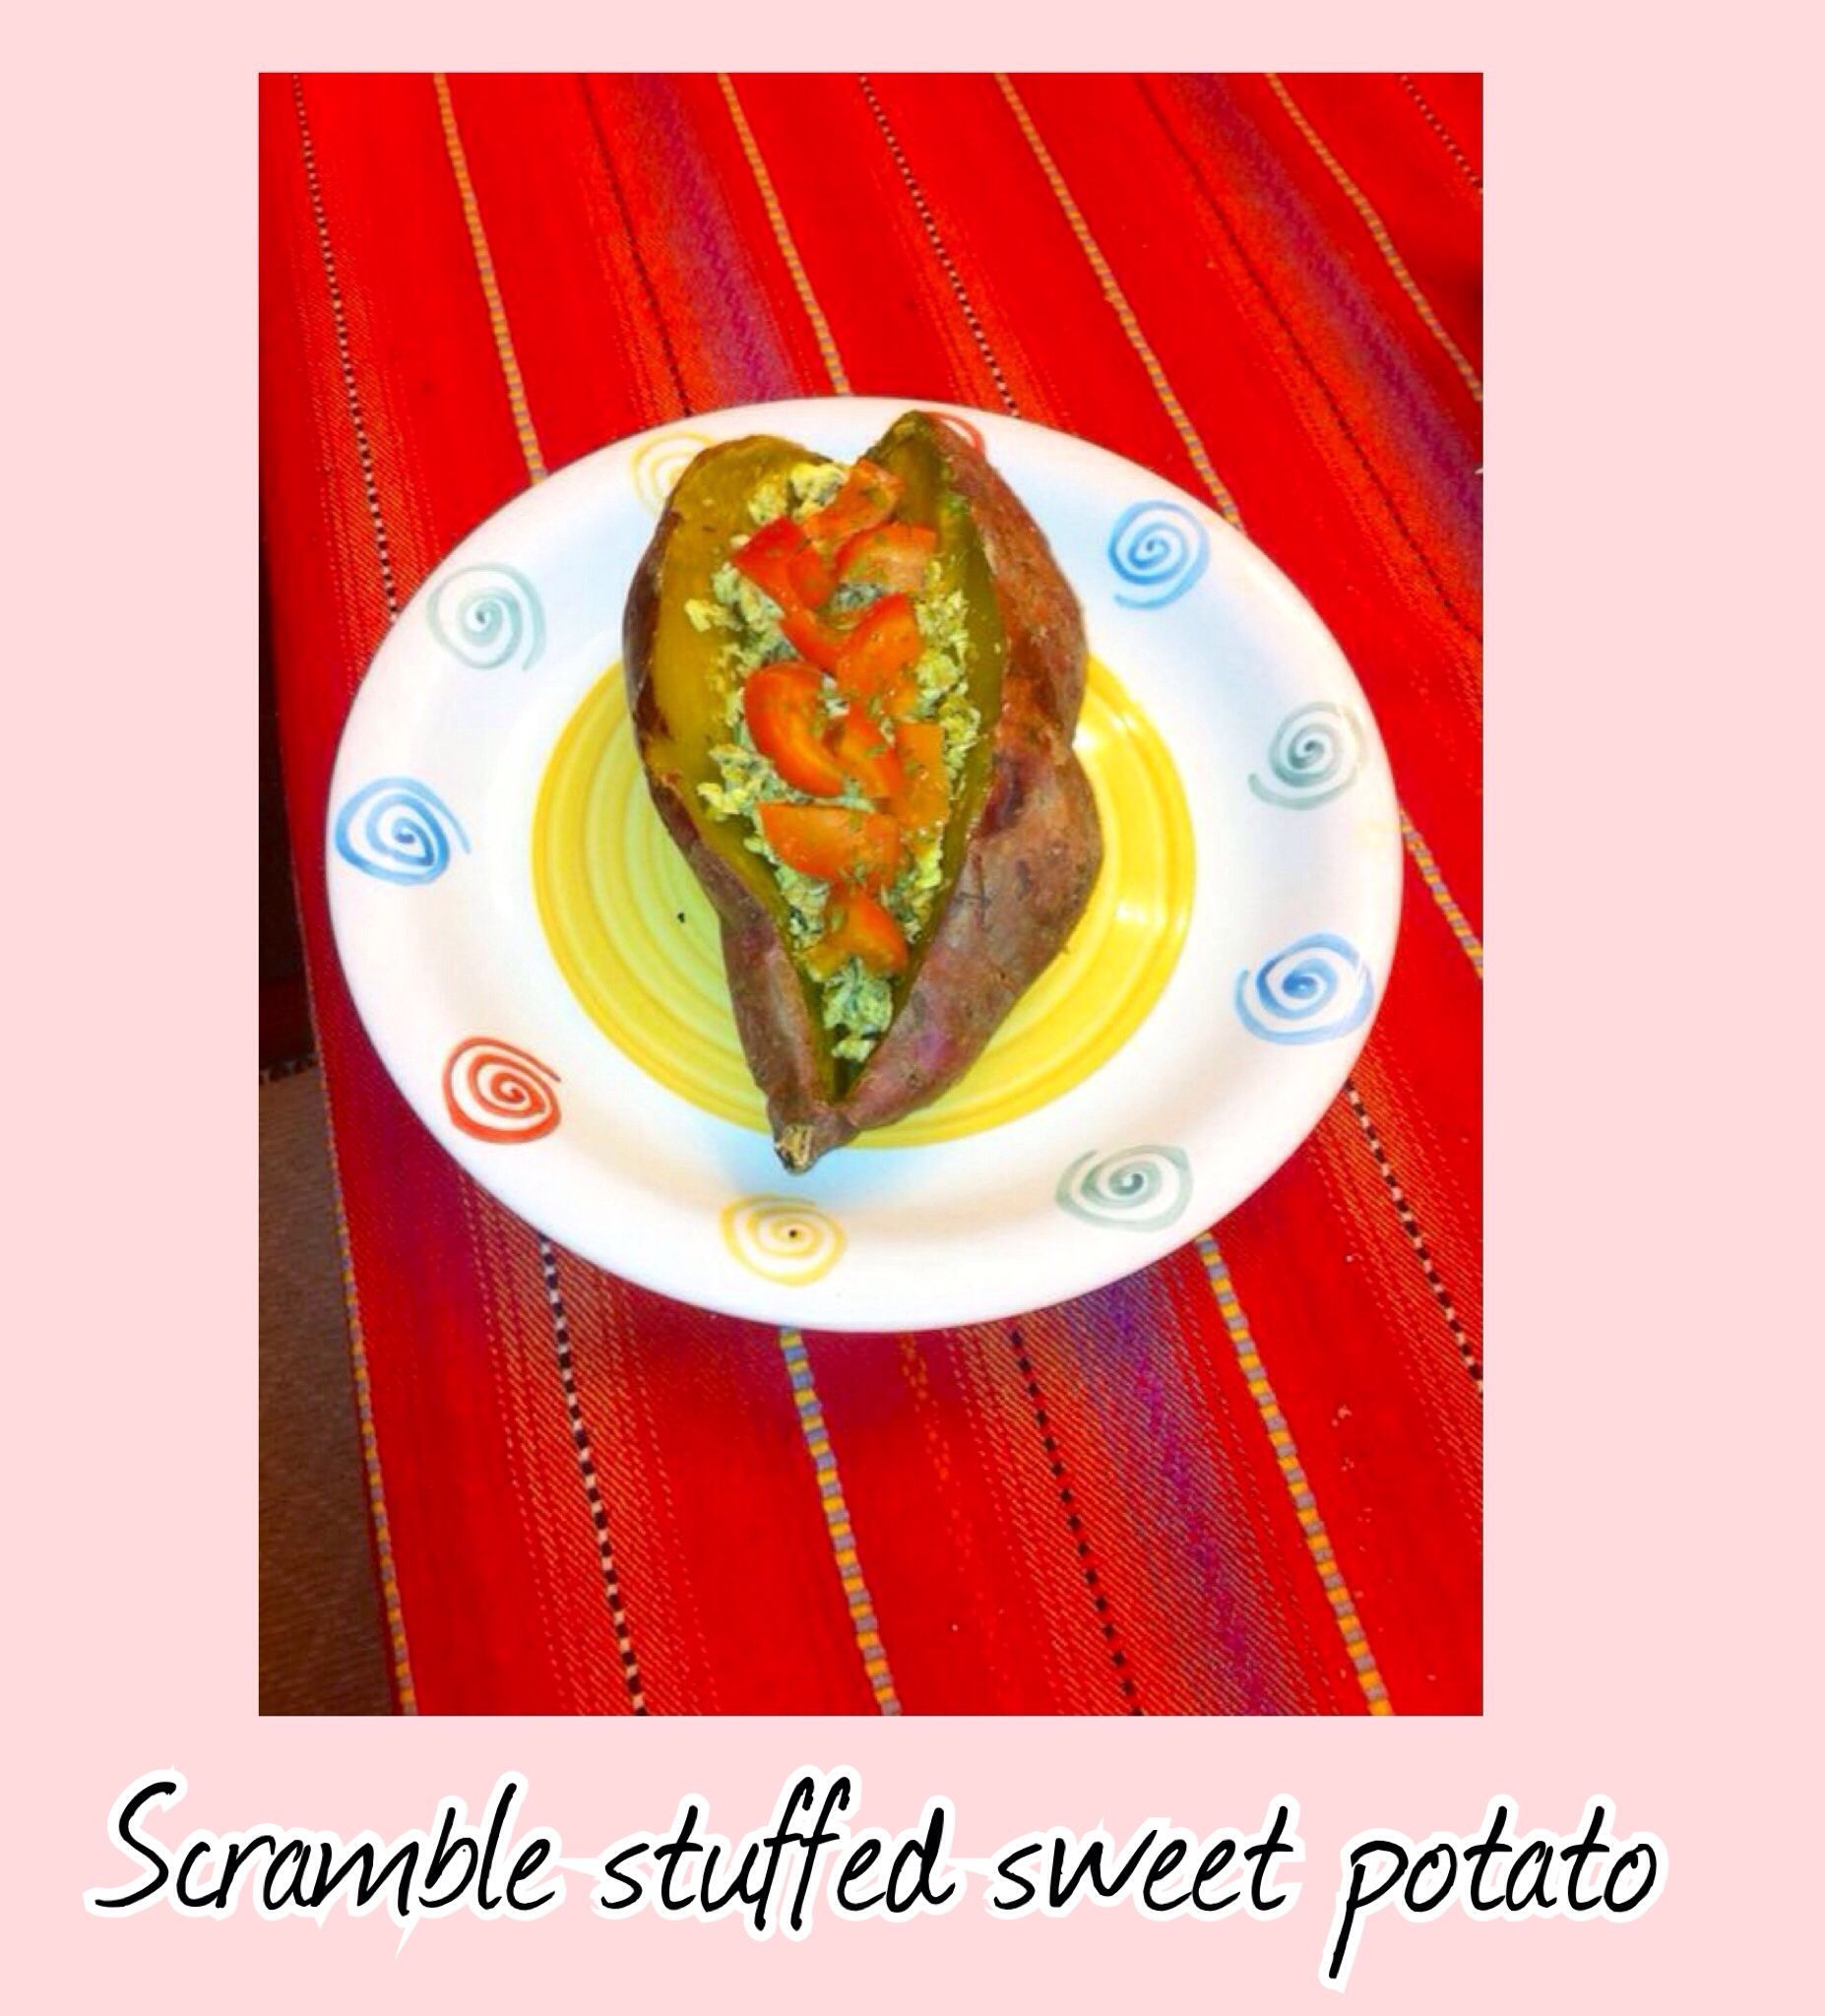 RECIPE LlNKED  #healthy #sweetpotato #natural #vegan #veggie #meghanrosette #food #dinner #lunch #ideas #scramble #eggs #tomato